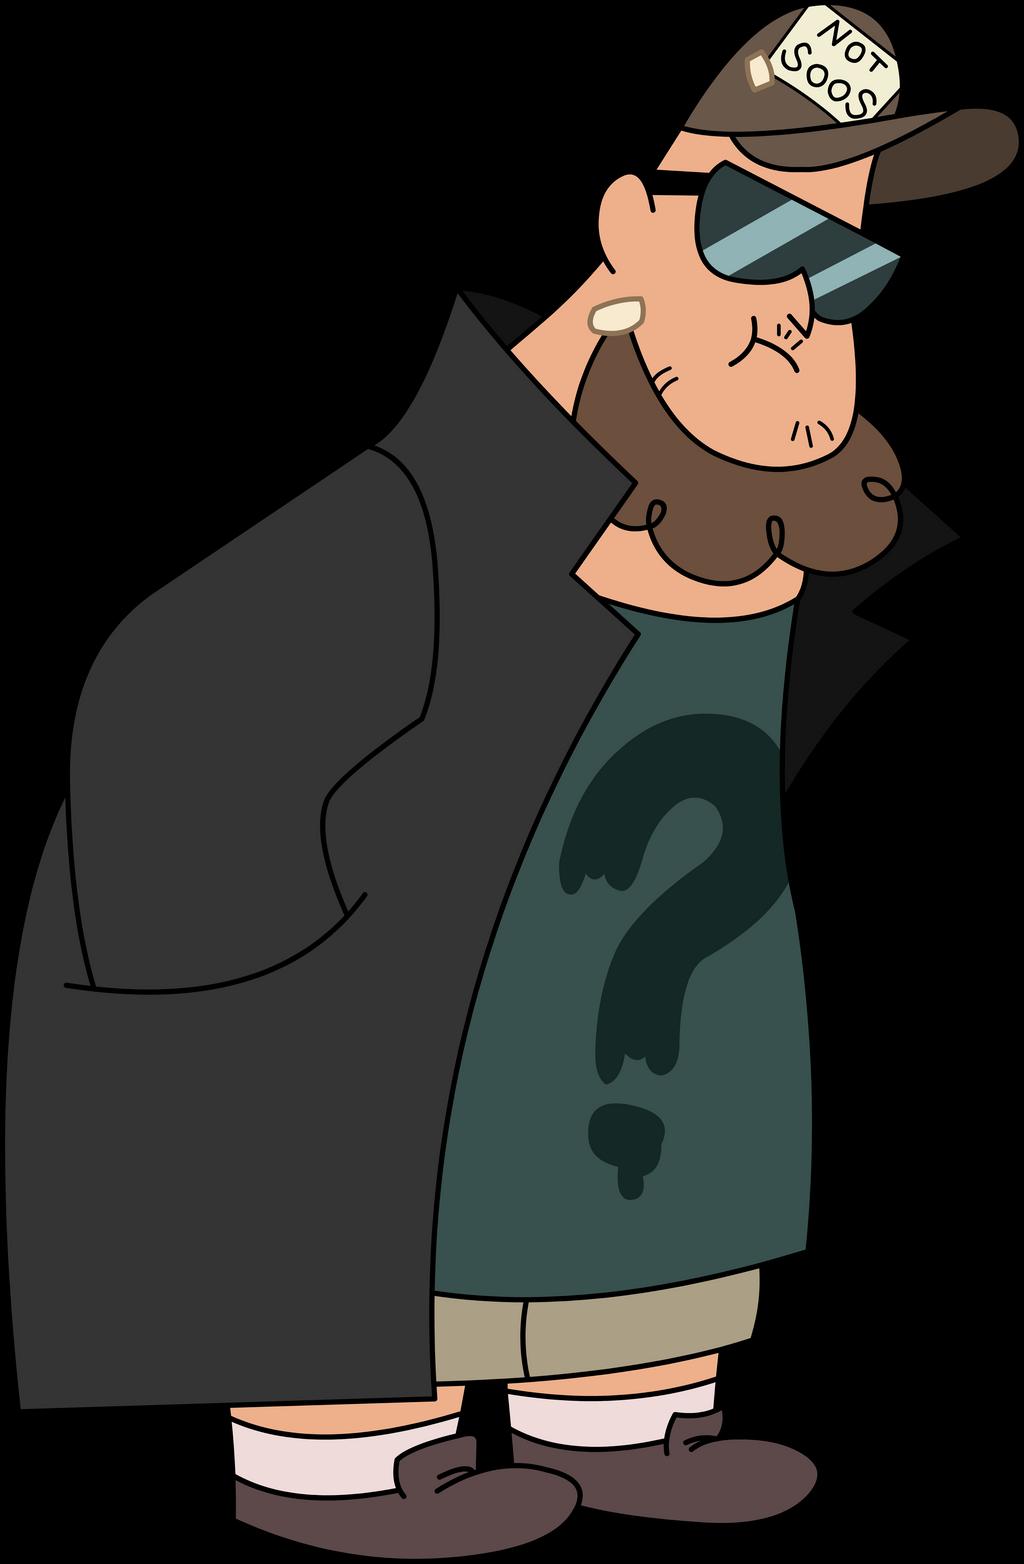 Soos Ramirez | Gravity Falls Wiki | Fandom powered by Wikia